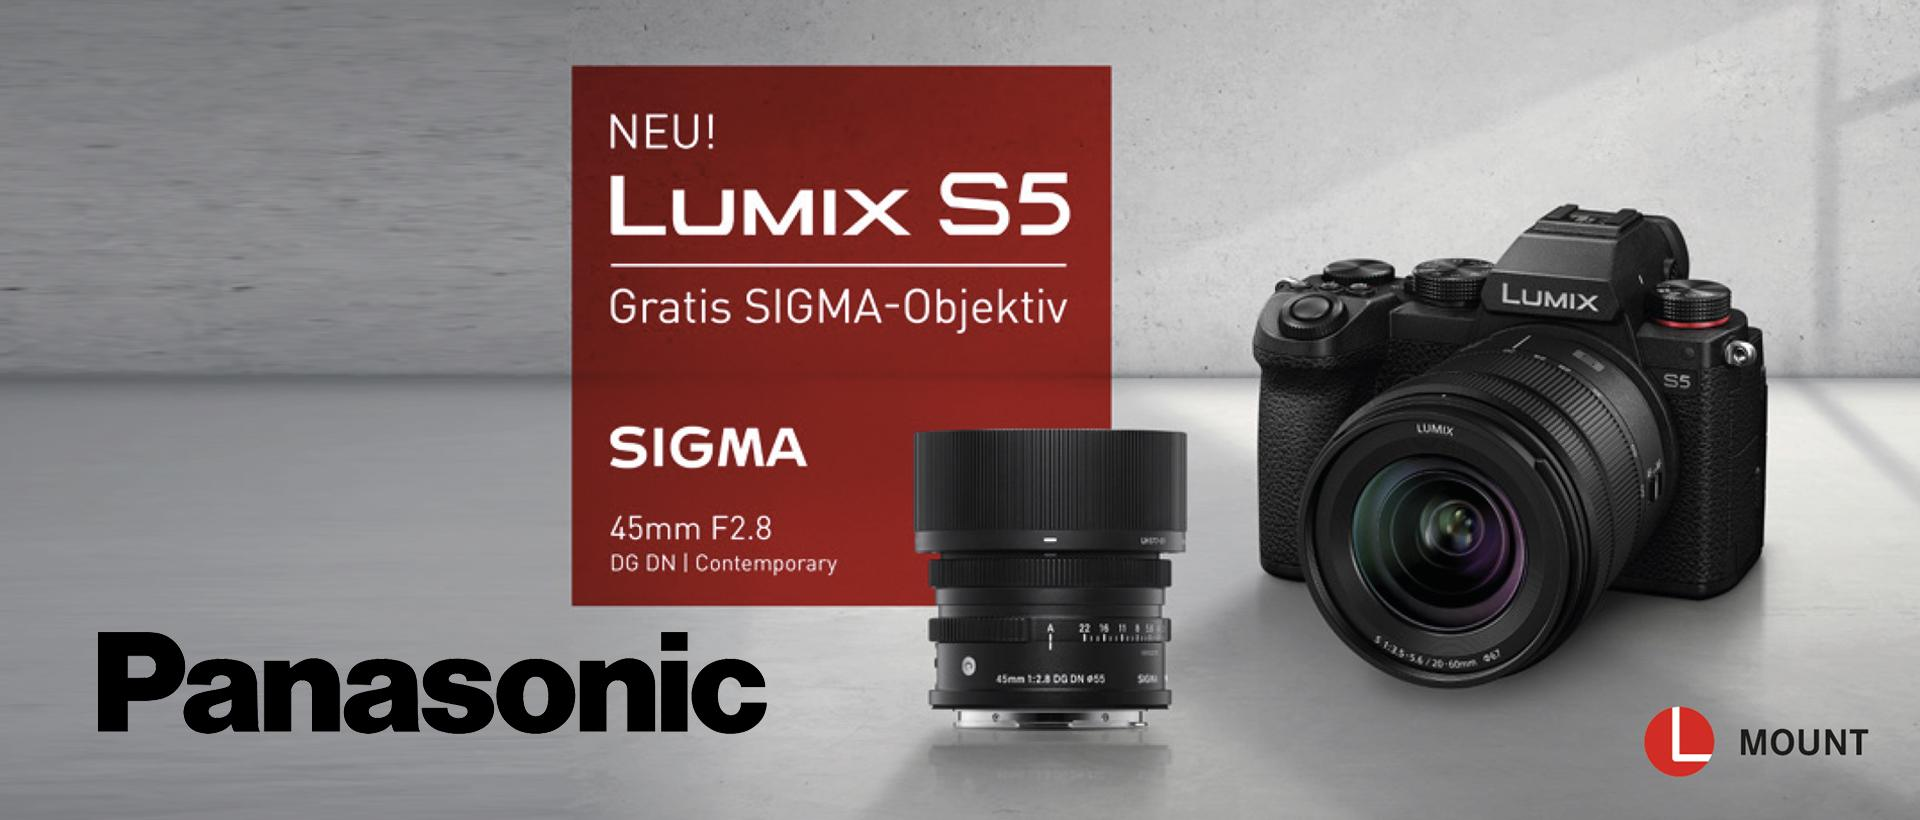 Panasonic Lumix S5 Aktion